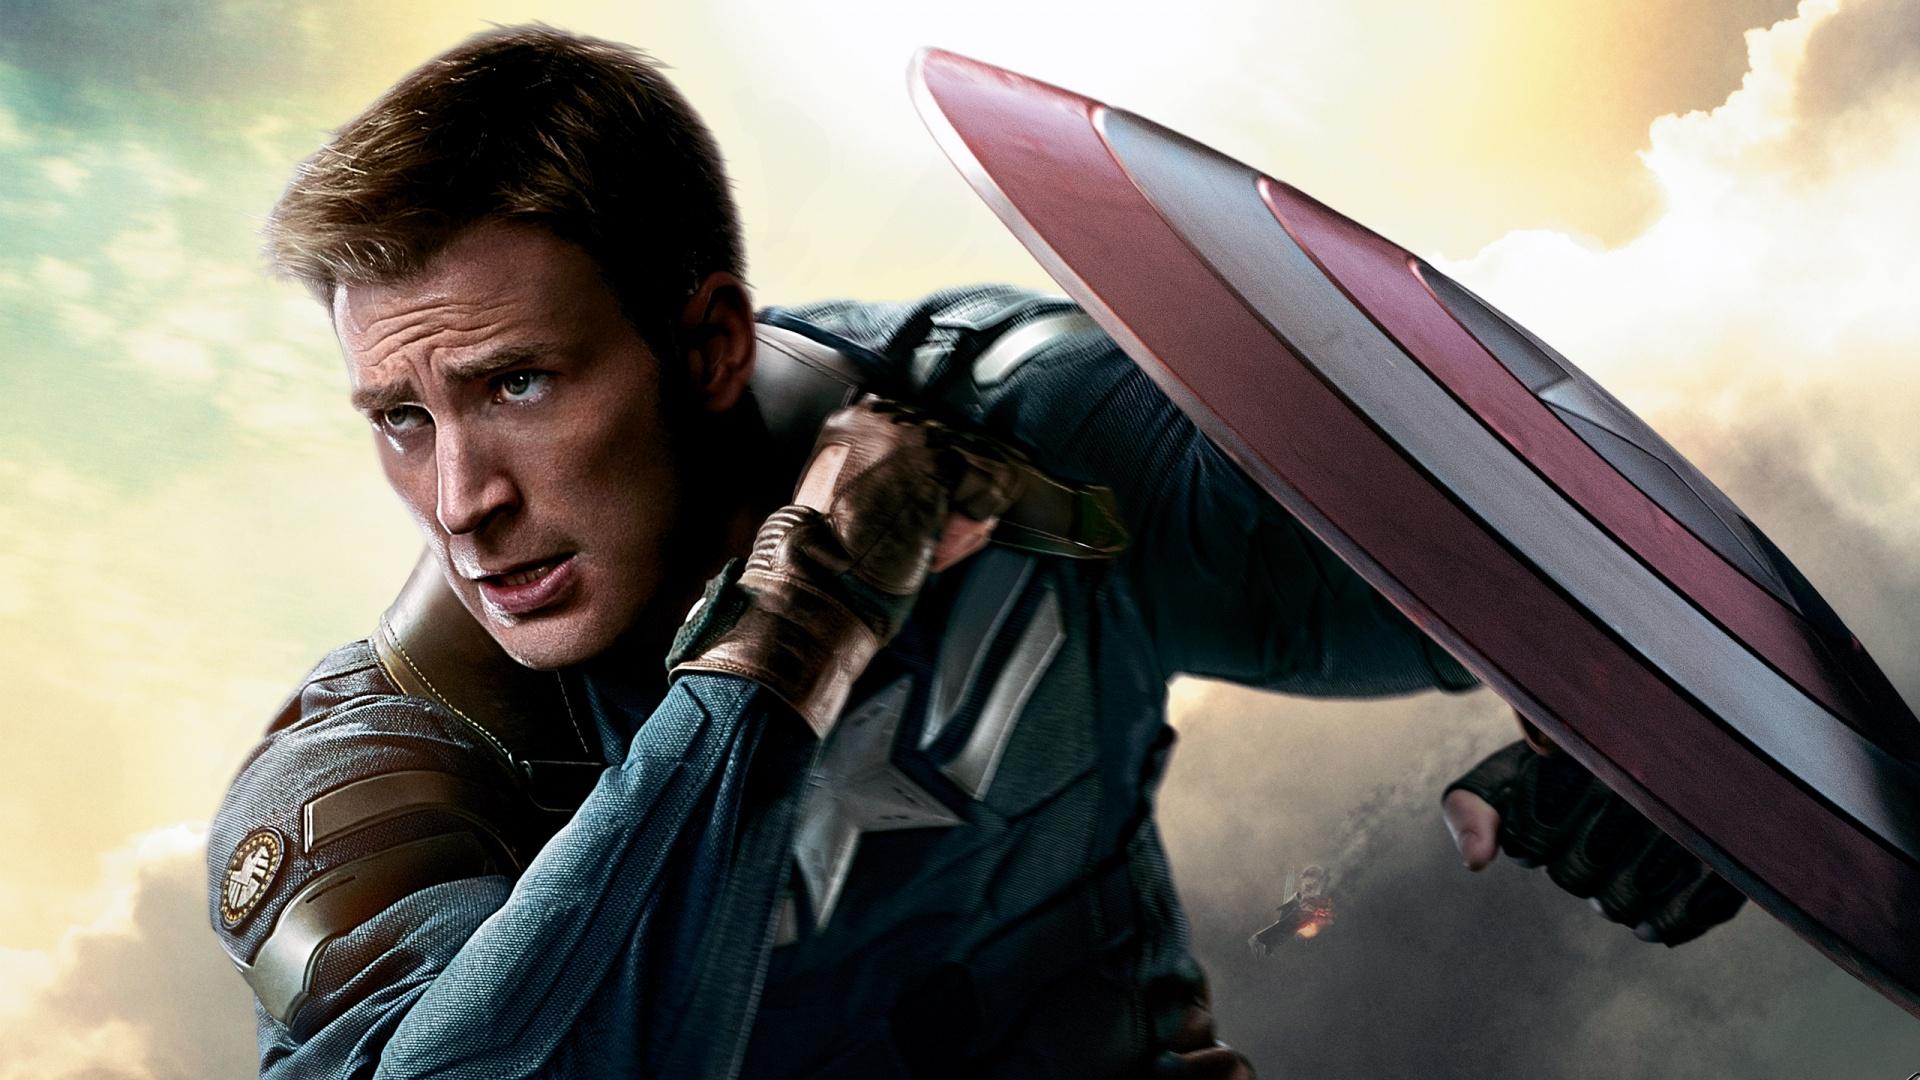 Captain America The First Avenger   wallpaper 1920x1080